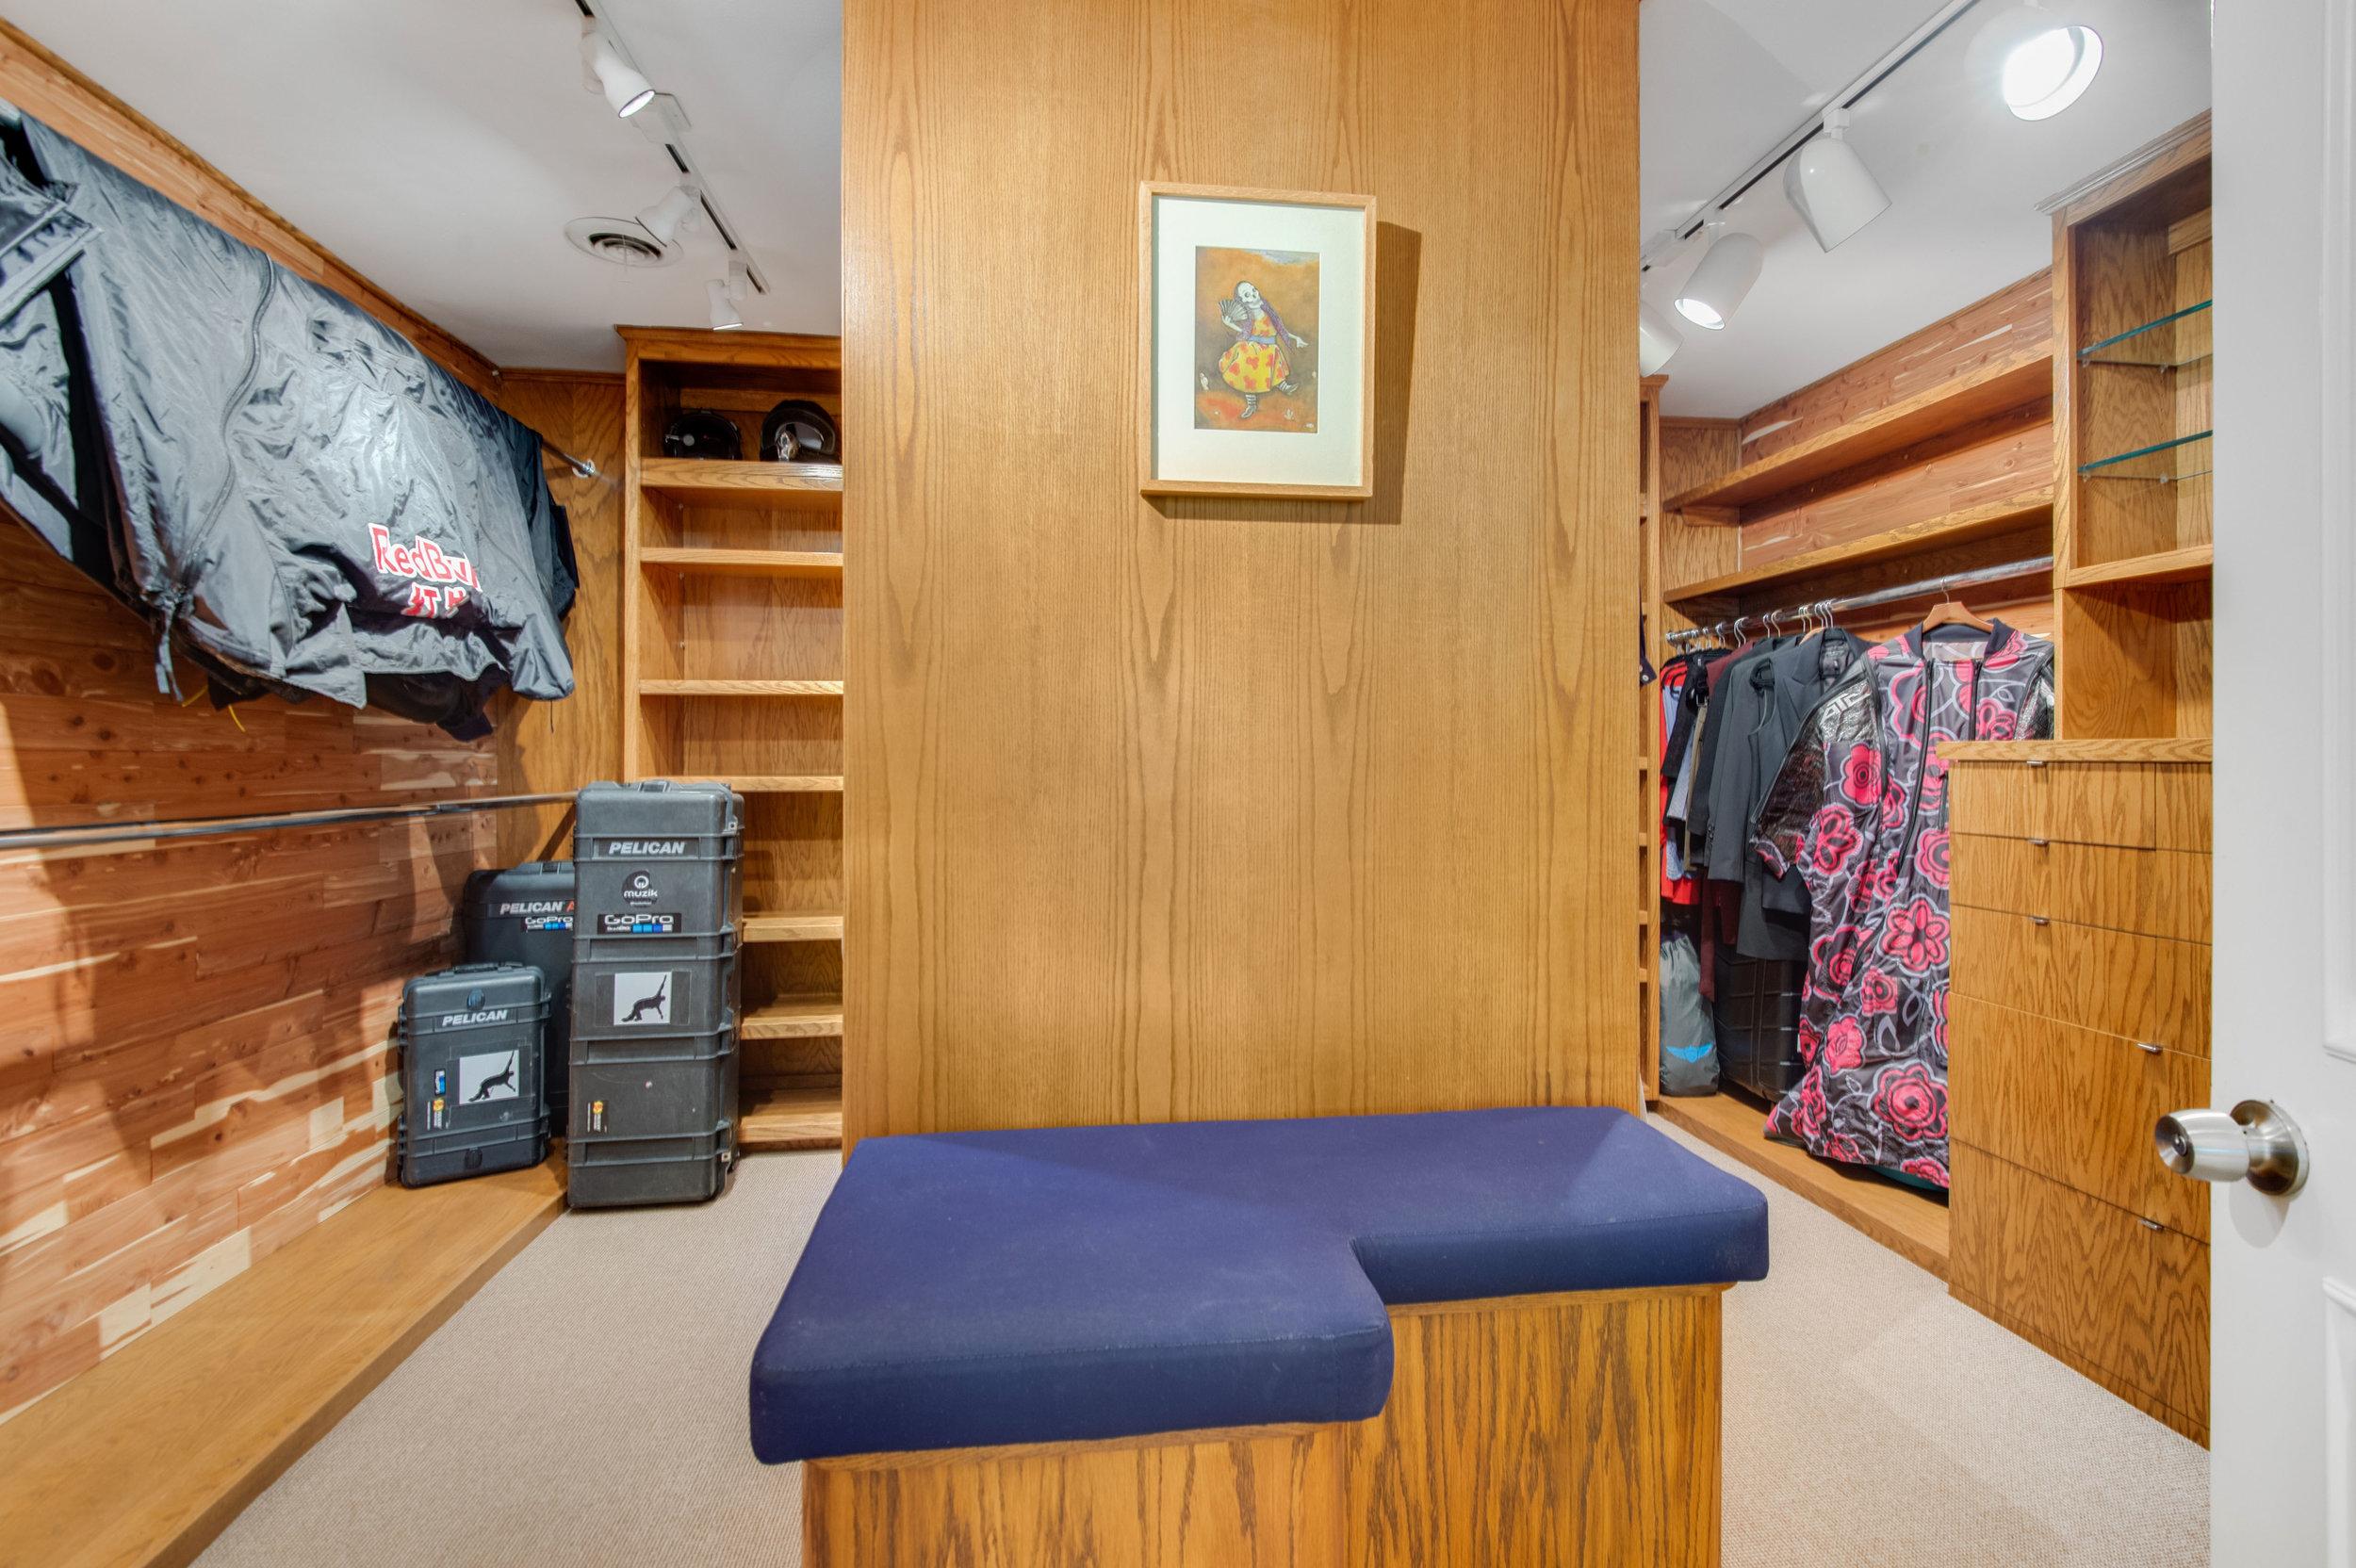 014 Master Closet Malibu For Sale Lease The Malibu Life Team Luxury Real Estate.jpg